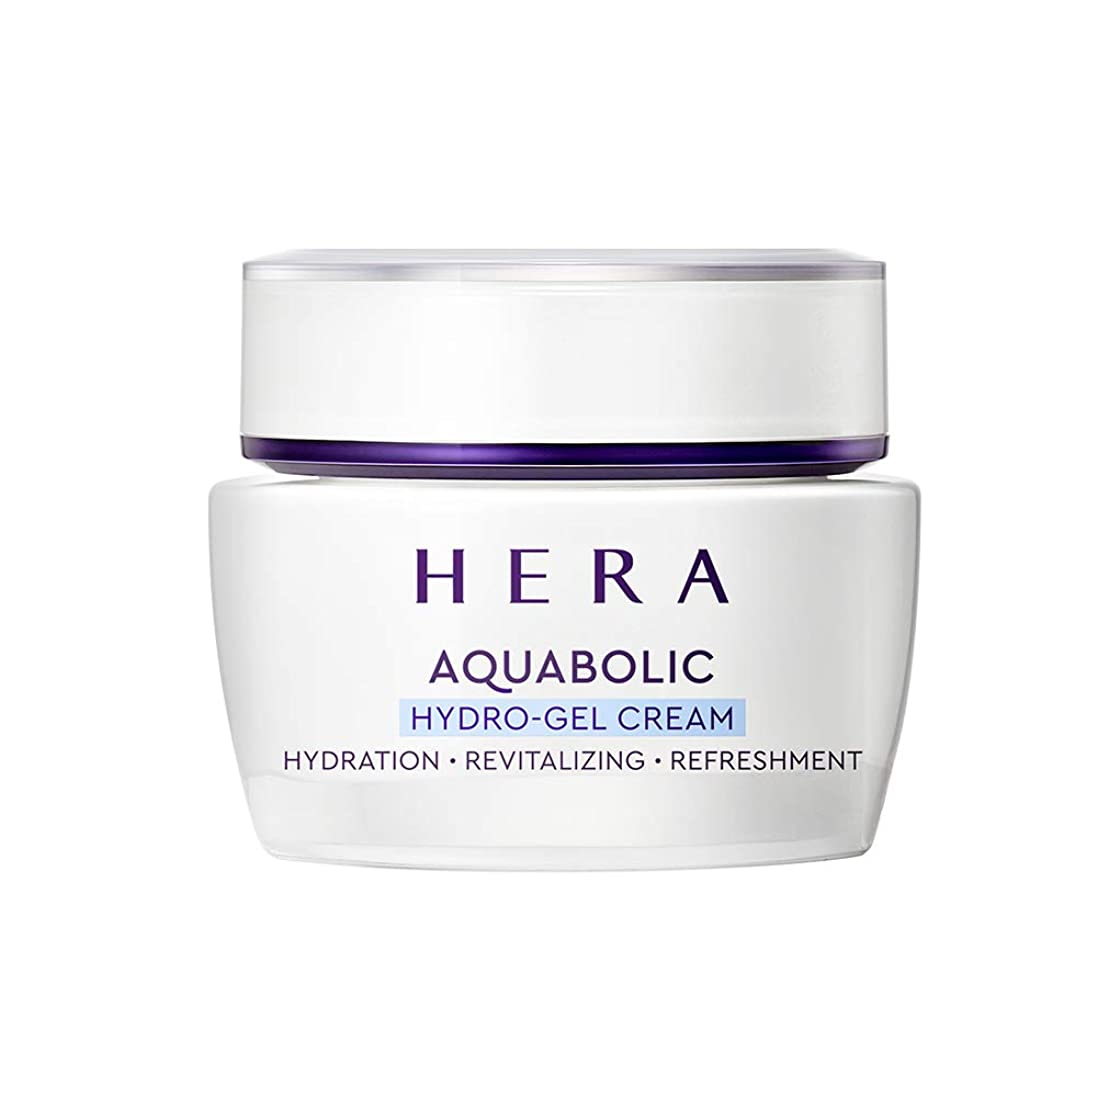 モックためらう検索エンジン最適化【HERA公式】ヘラ アクアボリック ハイドロ-ジェル クリーム 50mL/HERA Aquabolic Hydro-gel Cream 50mL